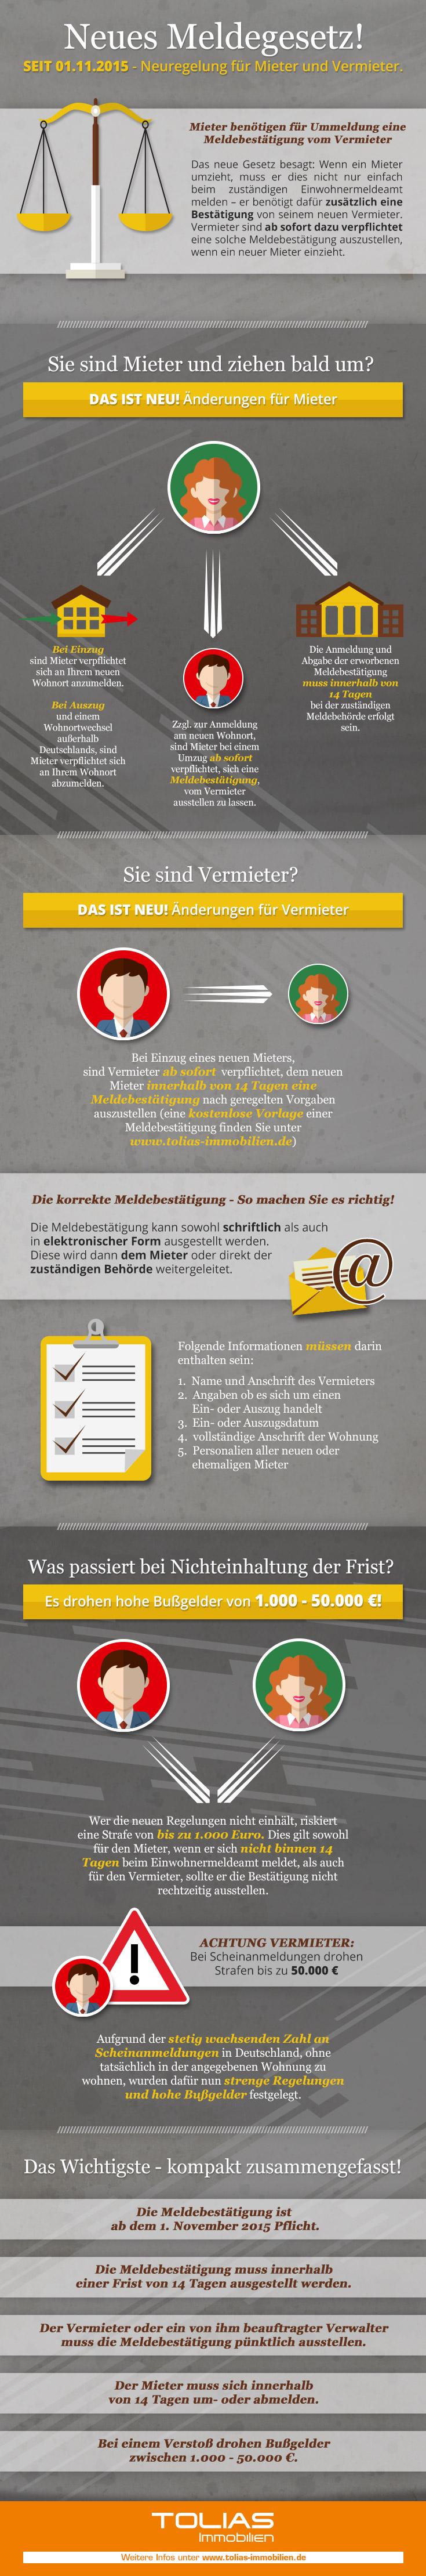 Infografik Meldegesetz: Das müssen Mieter und Vermieter beachten